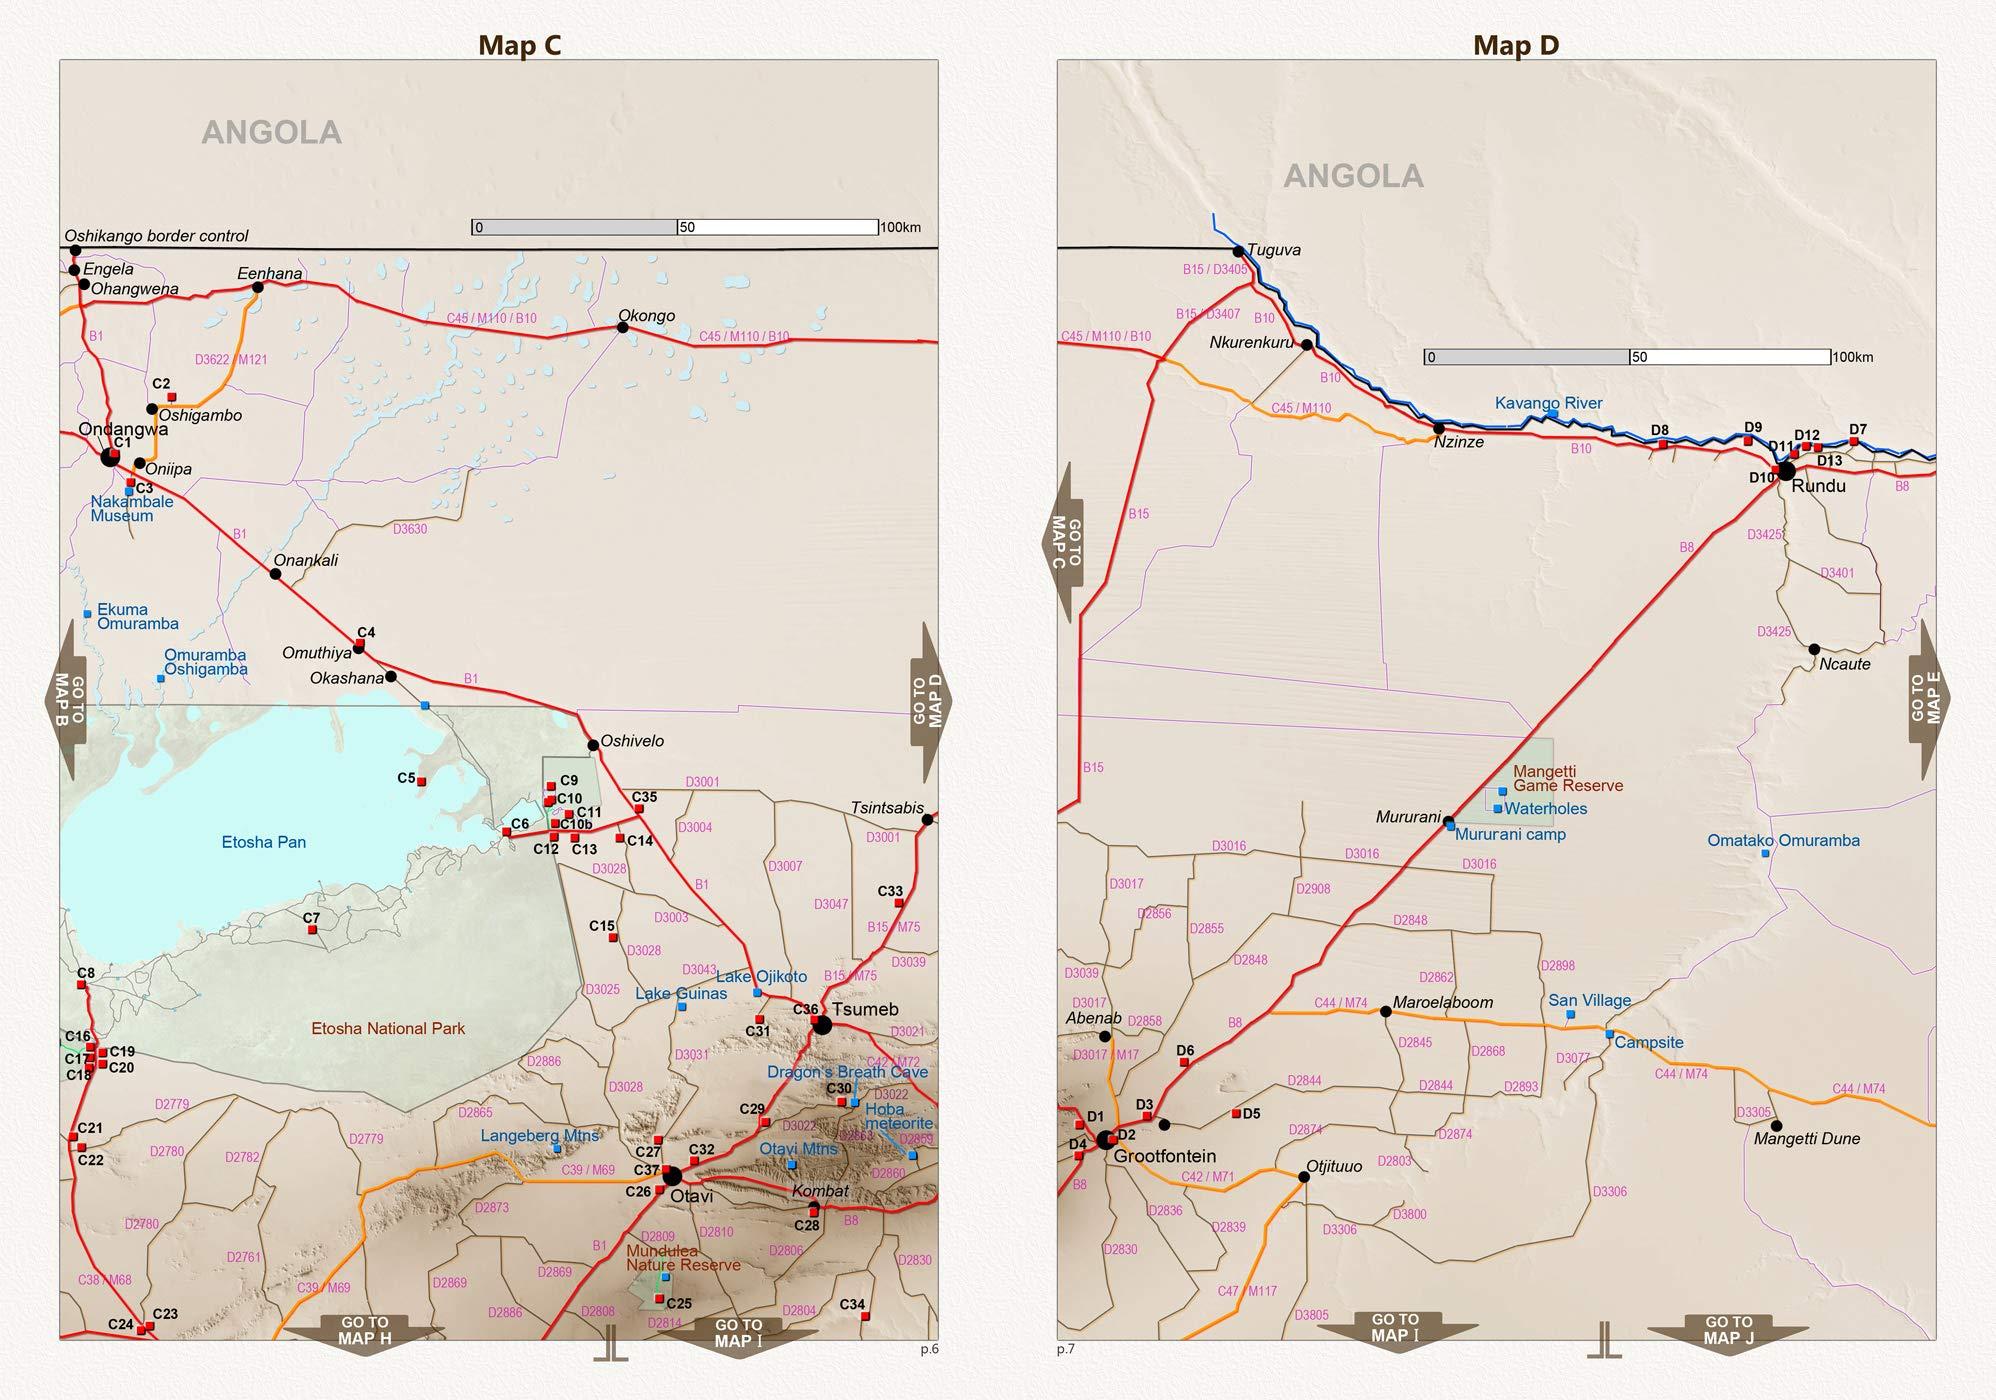 El set de mapas completo NAMIBIA: Mapa de carreteras NAMIBIA ROAD MAP + MAPA ETOSHA con galería de fotos de animales salvajes + MAPA DESERTICO NAMIB con fotos , ideal para la